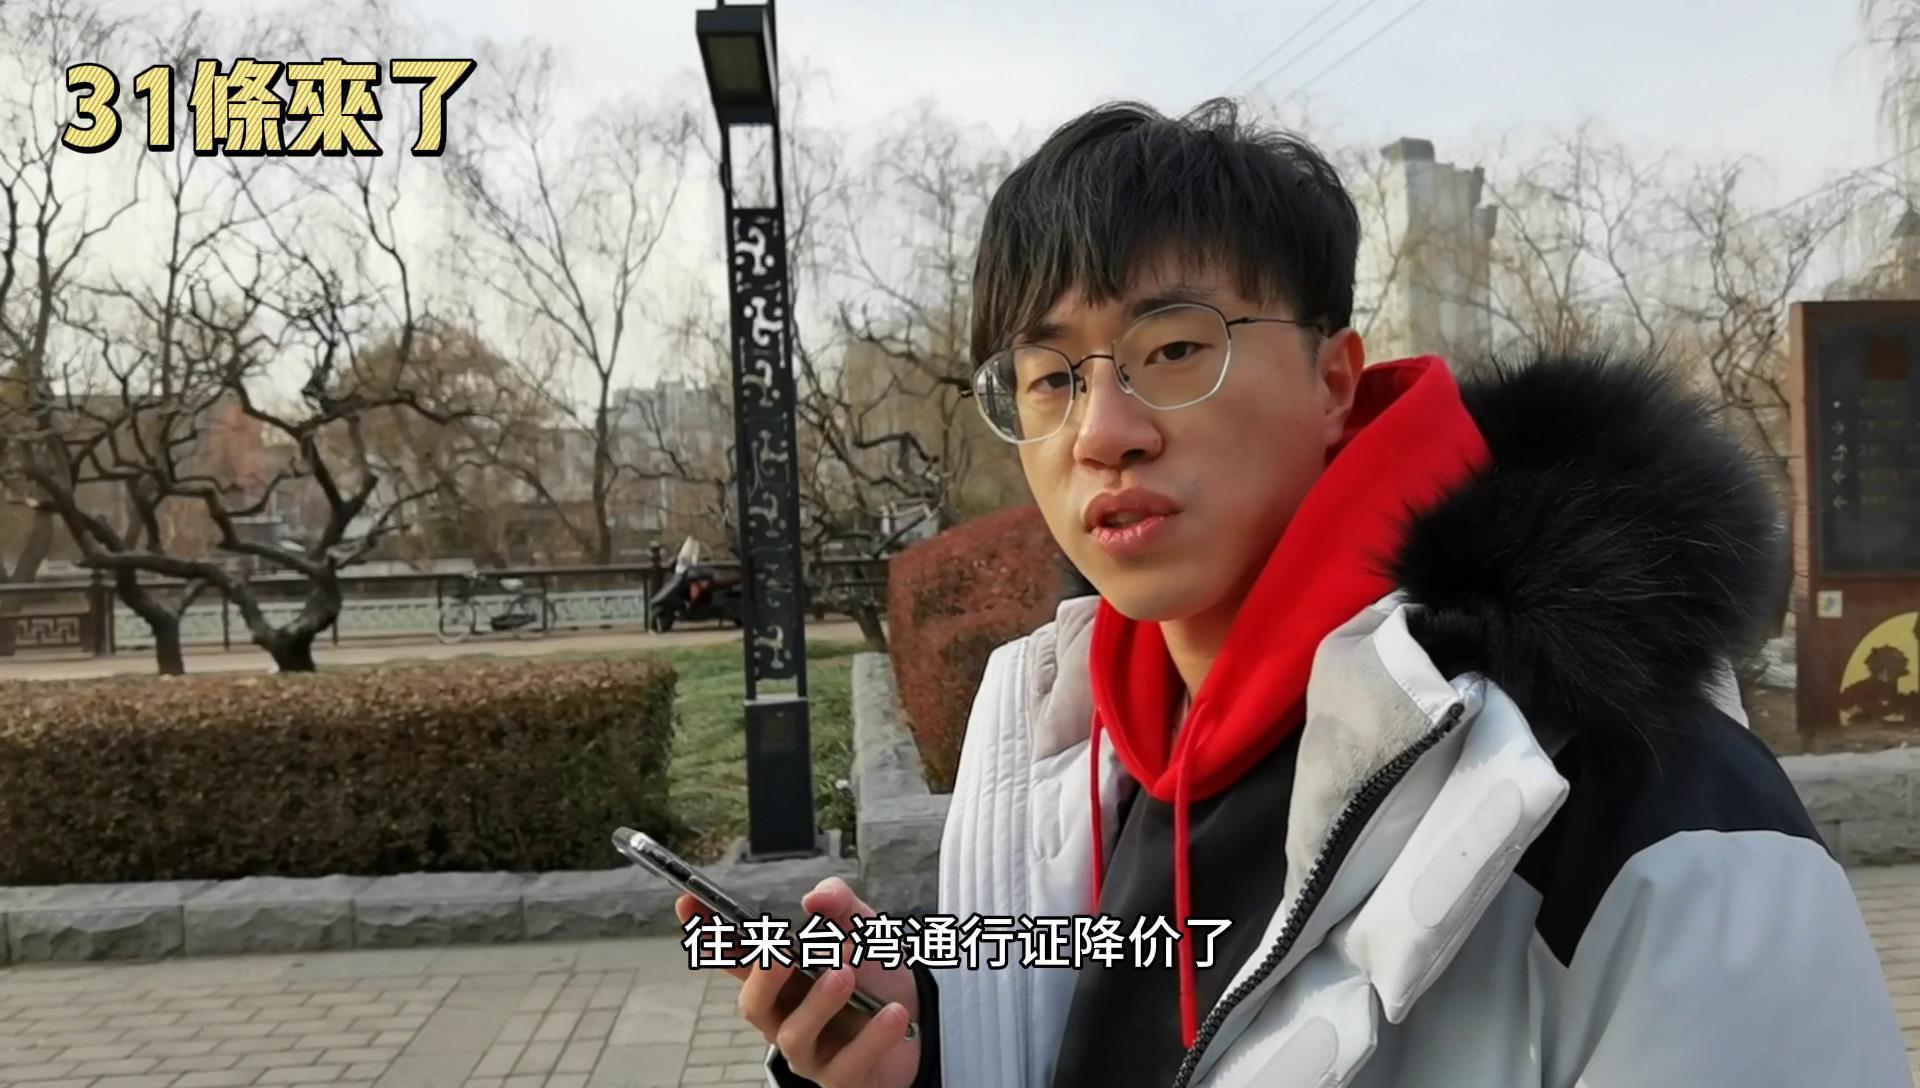 2020来了,你还在单身吗?看看北京小伙要去台湾追求爱情!图片